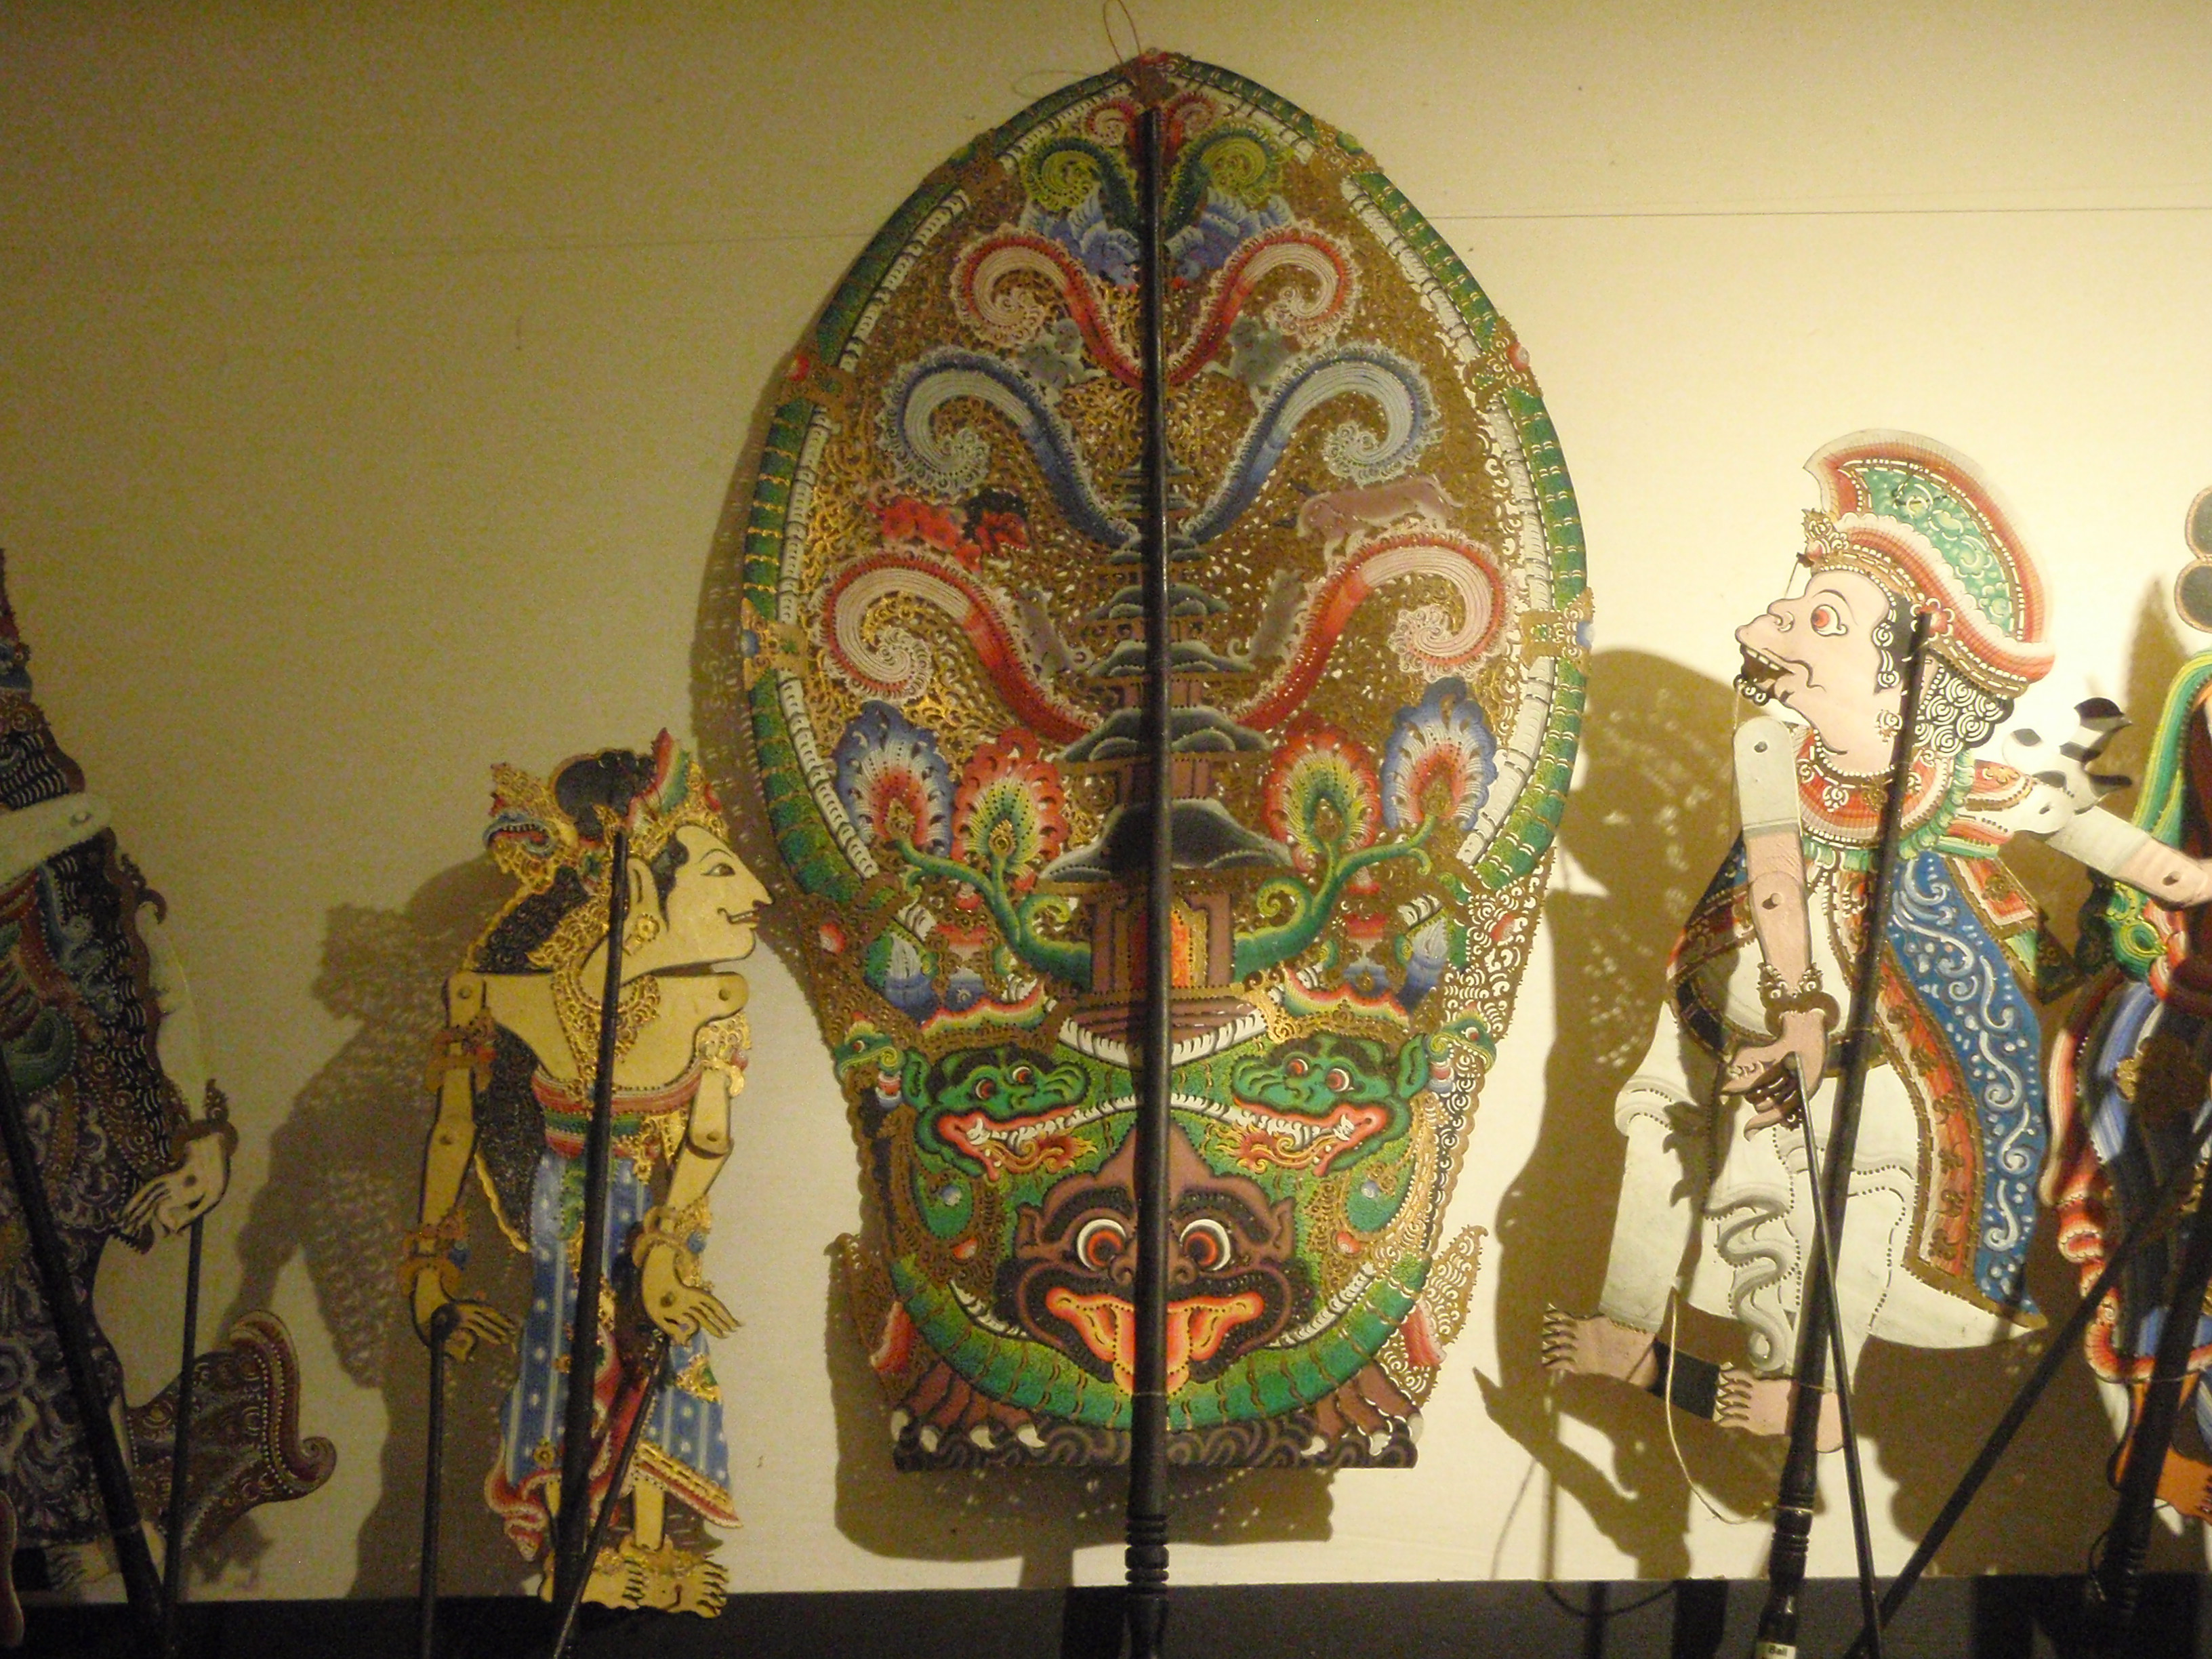 <em>Wayang arja</em> (Bali), créé en 1975 par le <em>dalang</em> I Made Sidja (Bone, Gianyar), présente des histoires basées sur les chroniques des rois javanais-balinais, en se concentrant sur le drame romantique entre <em>Raden</em> Panji et Candra <em>Ki</em>rana. Créateur du wayang : I Wayan Nartha (Gianyar, Bali). Théâtre d'ombres.Collection : Setia Darma House of Masks and Puppets, Gianyar, Bali, Indonésie.